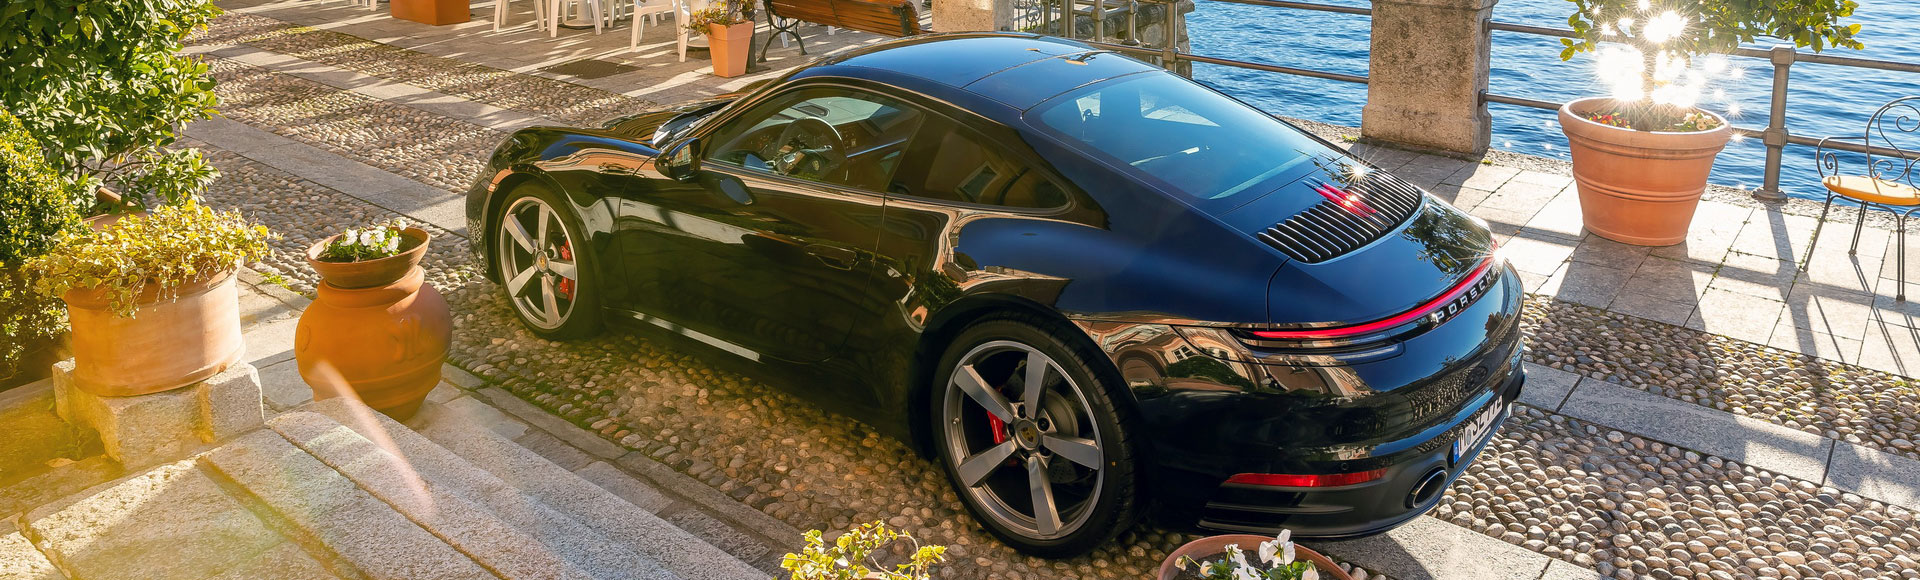 Porsche 911 992 2019 2717 Sommer